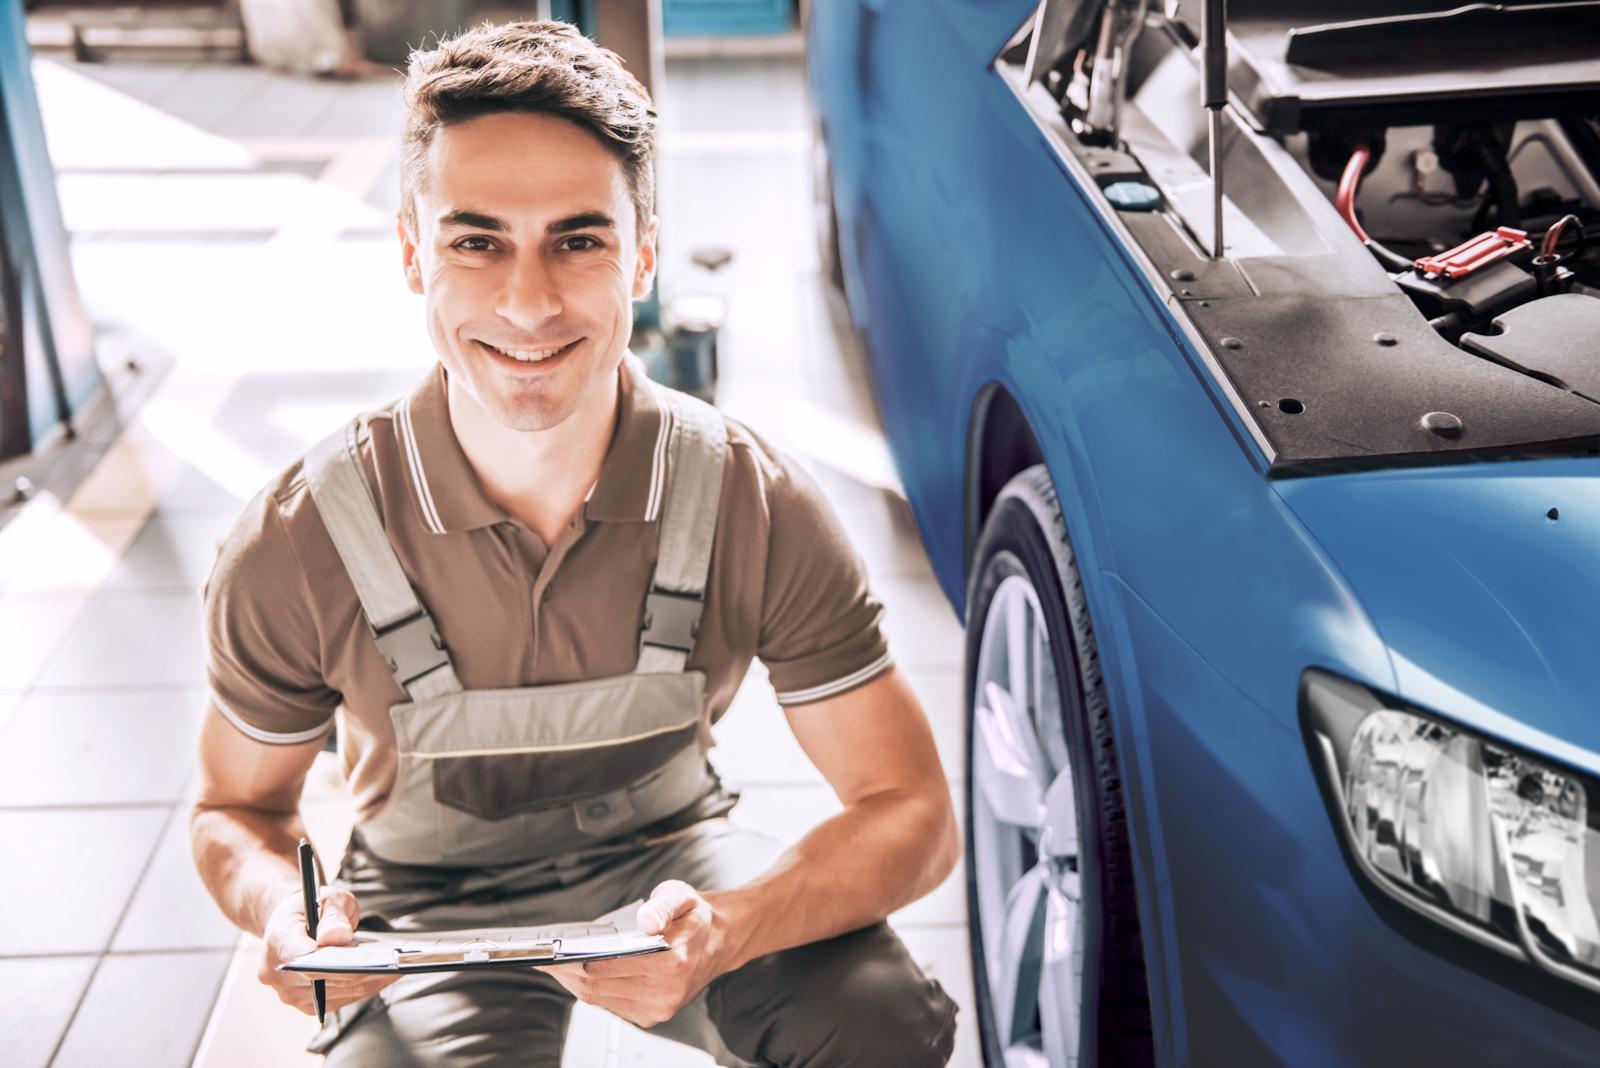 Замена жидкостей на Renault по акции